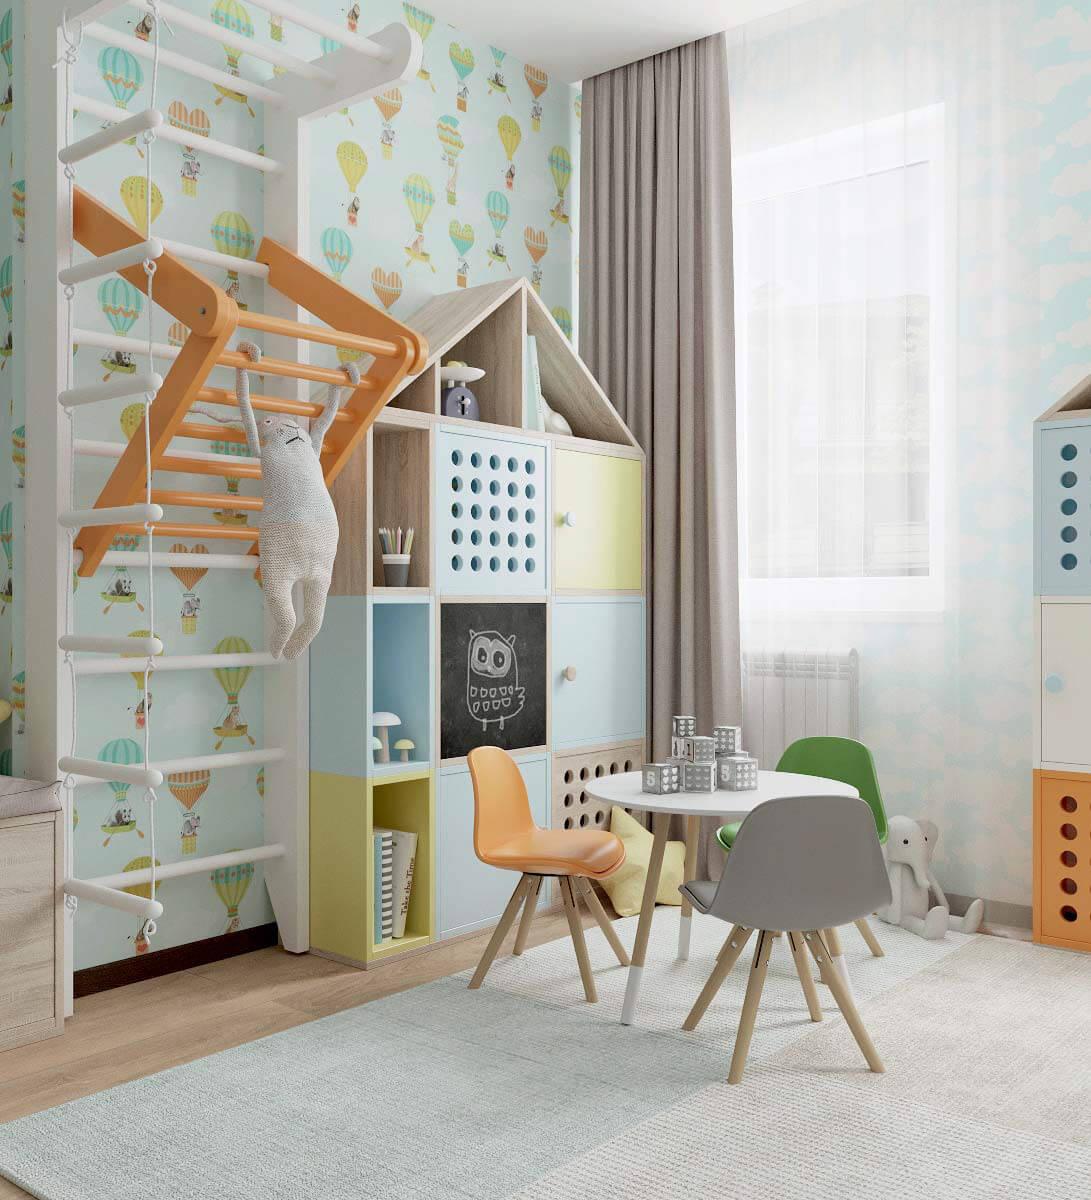 Мебель детской спальни для девочки 2-5 лет проект 3771-1